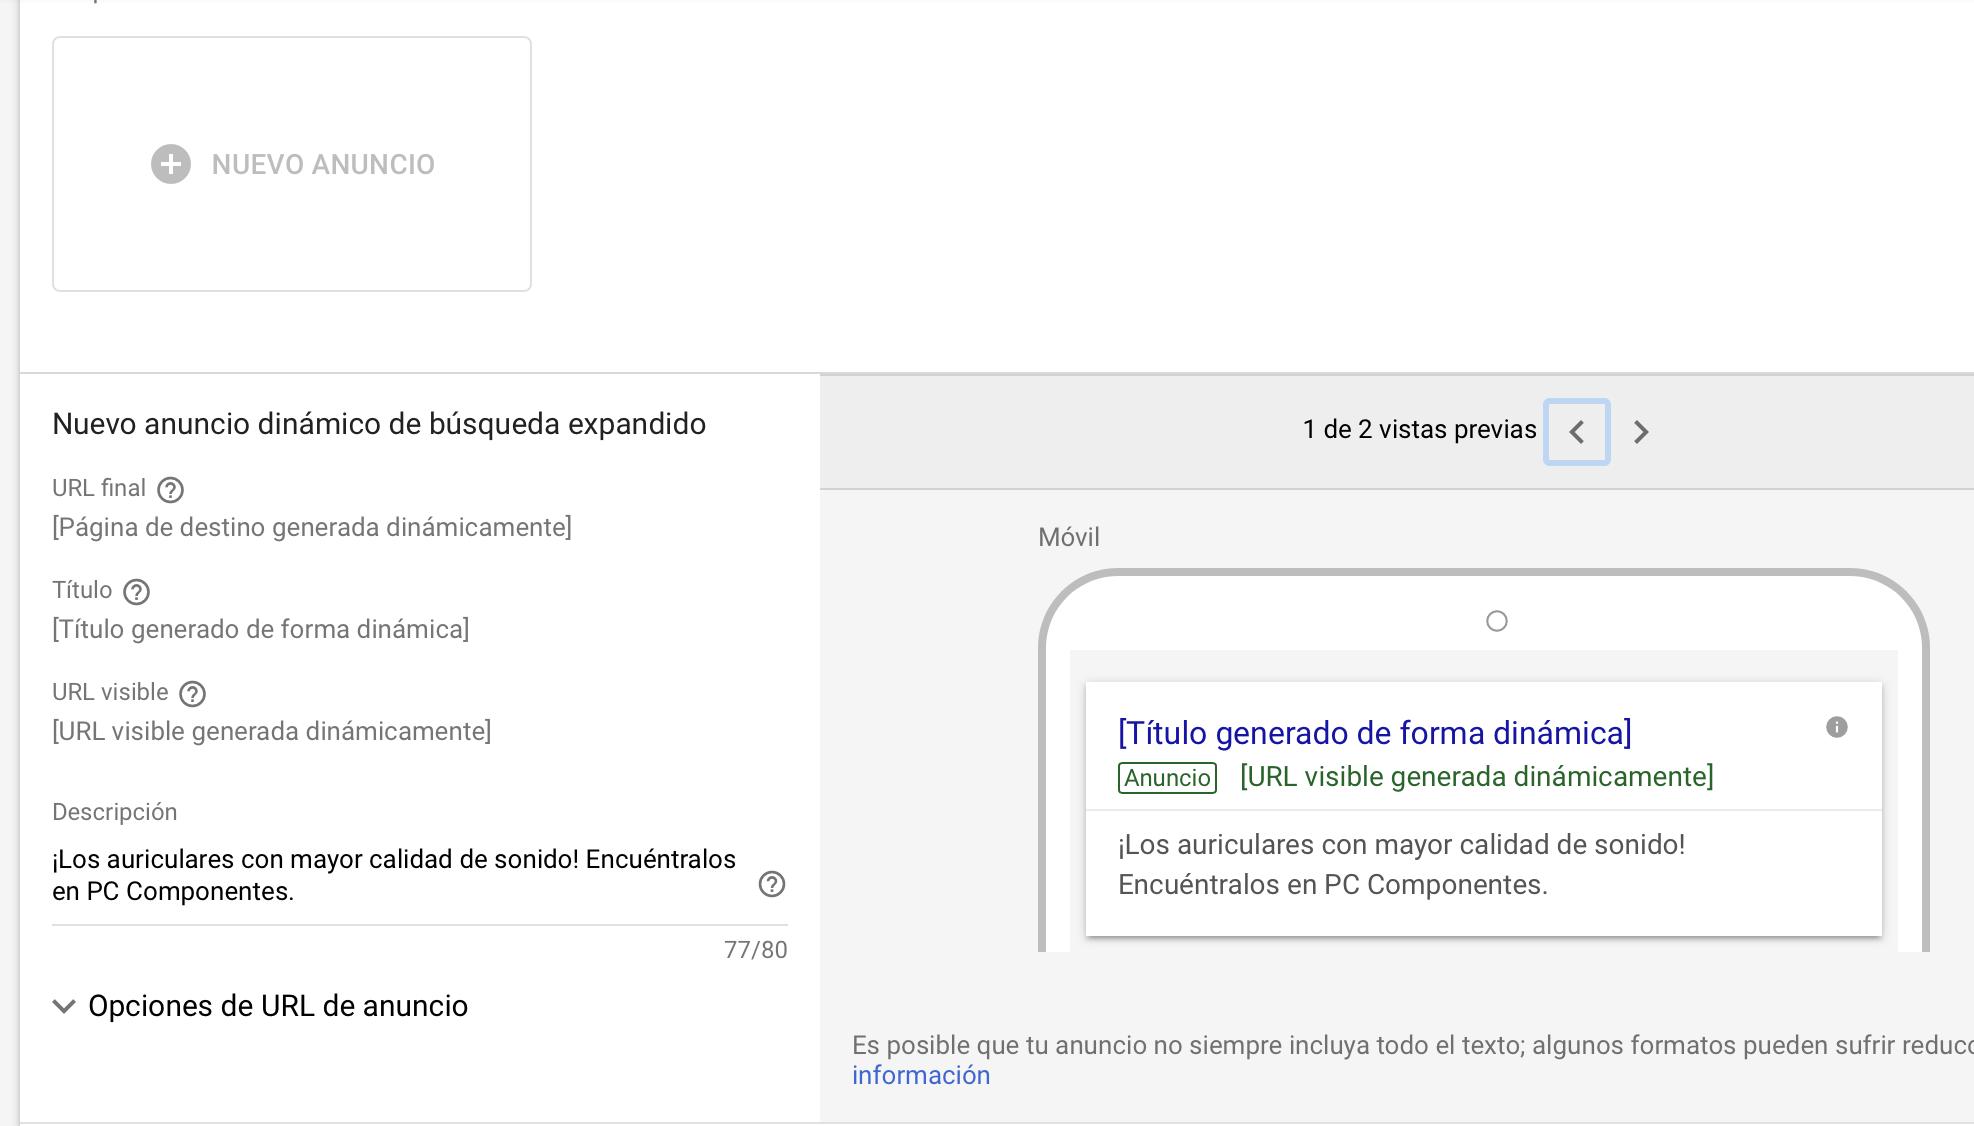 Ejemplo de anuncios dinámicos de búsqueda